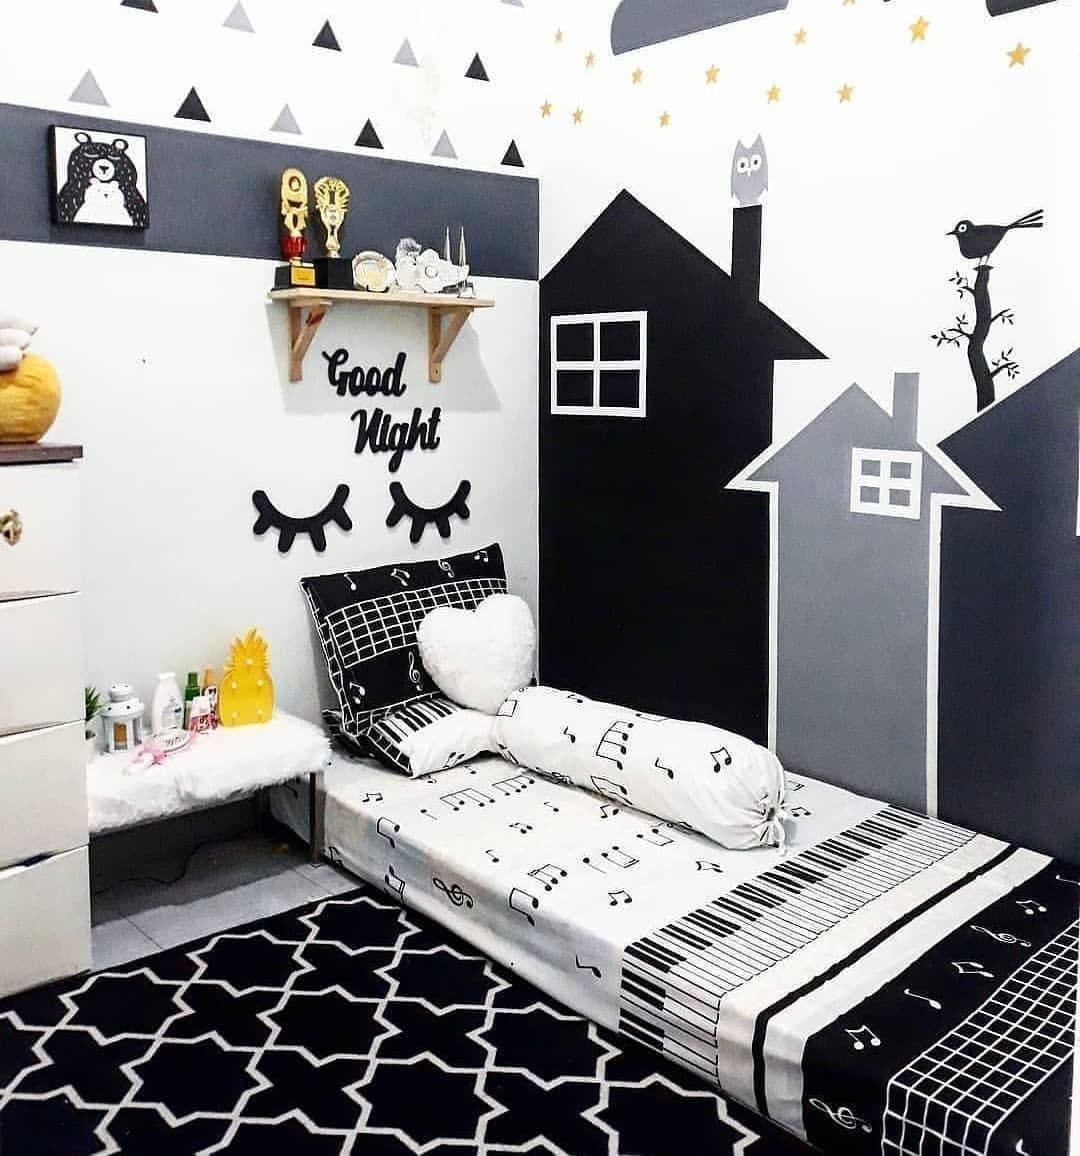 Kumpulan Ide Desain Kamar Tidur Anak Perempuan Yang Cantik ~ Homeshabby.com  : Design Home Plans, Home Decorating And Interior Design